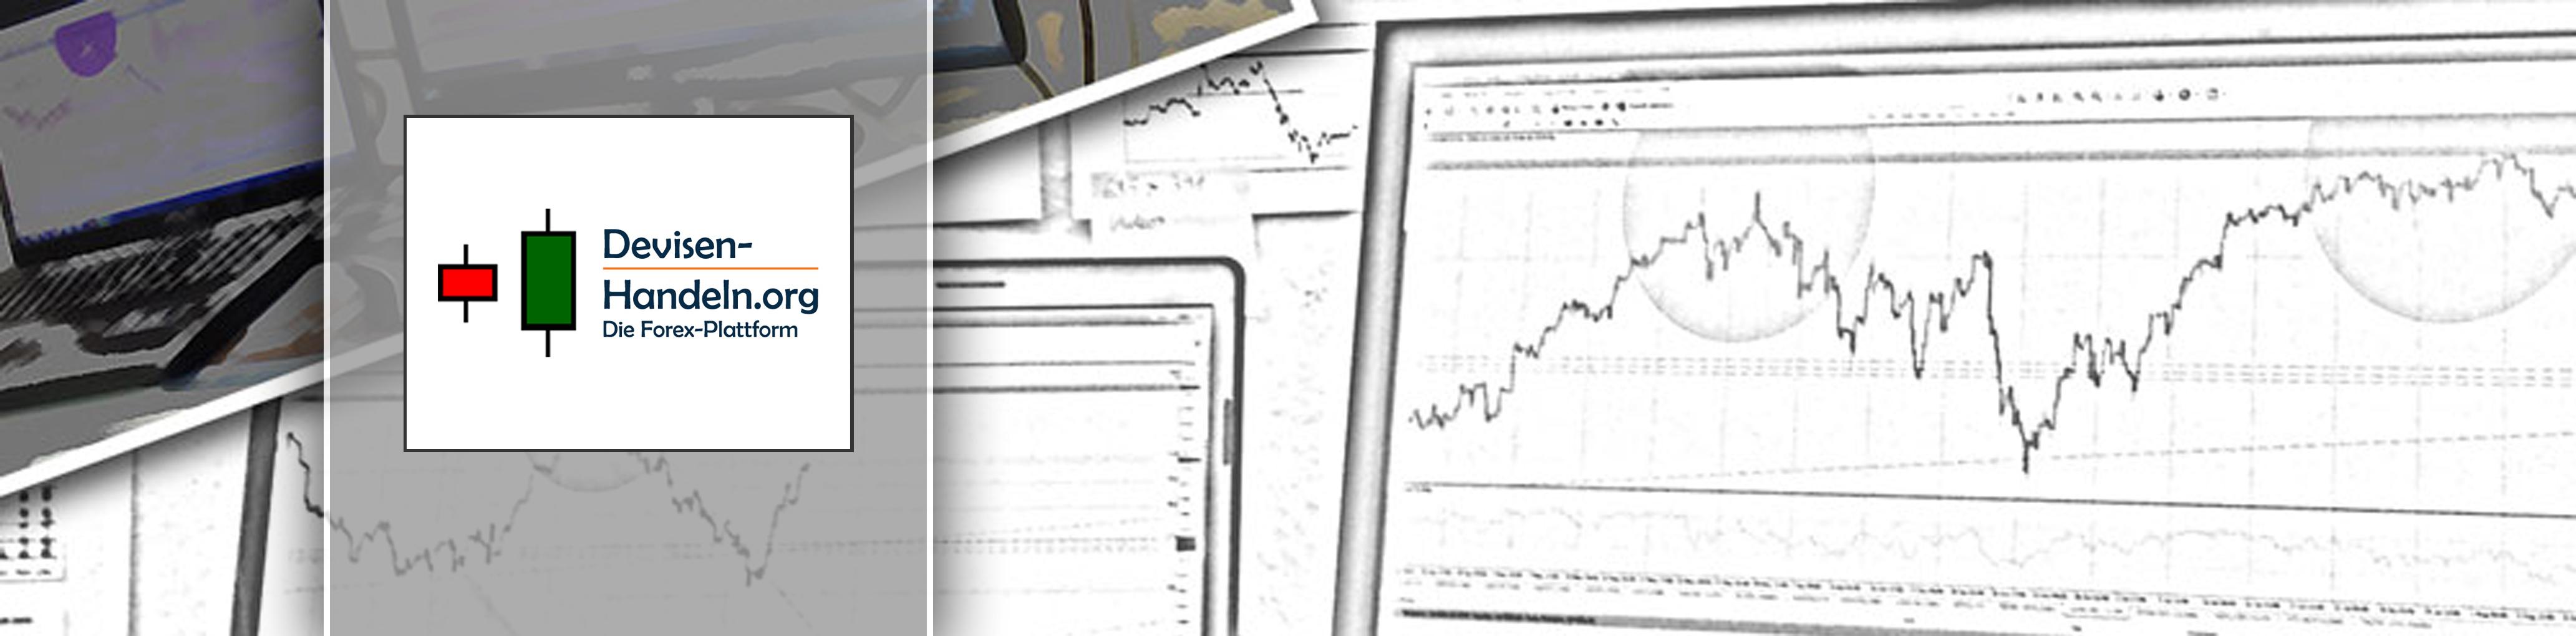 Wirtschaftskalender von forexpros